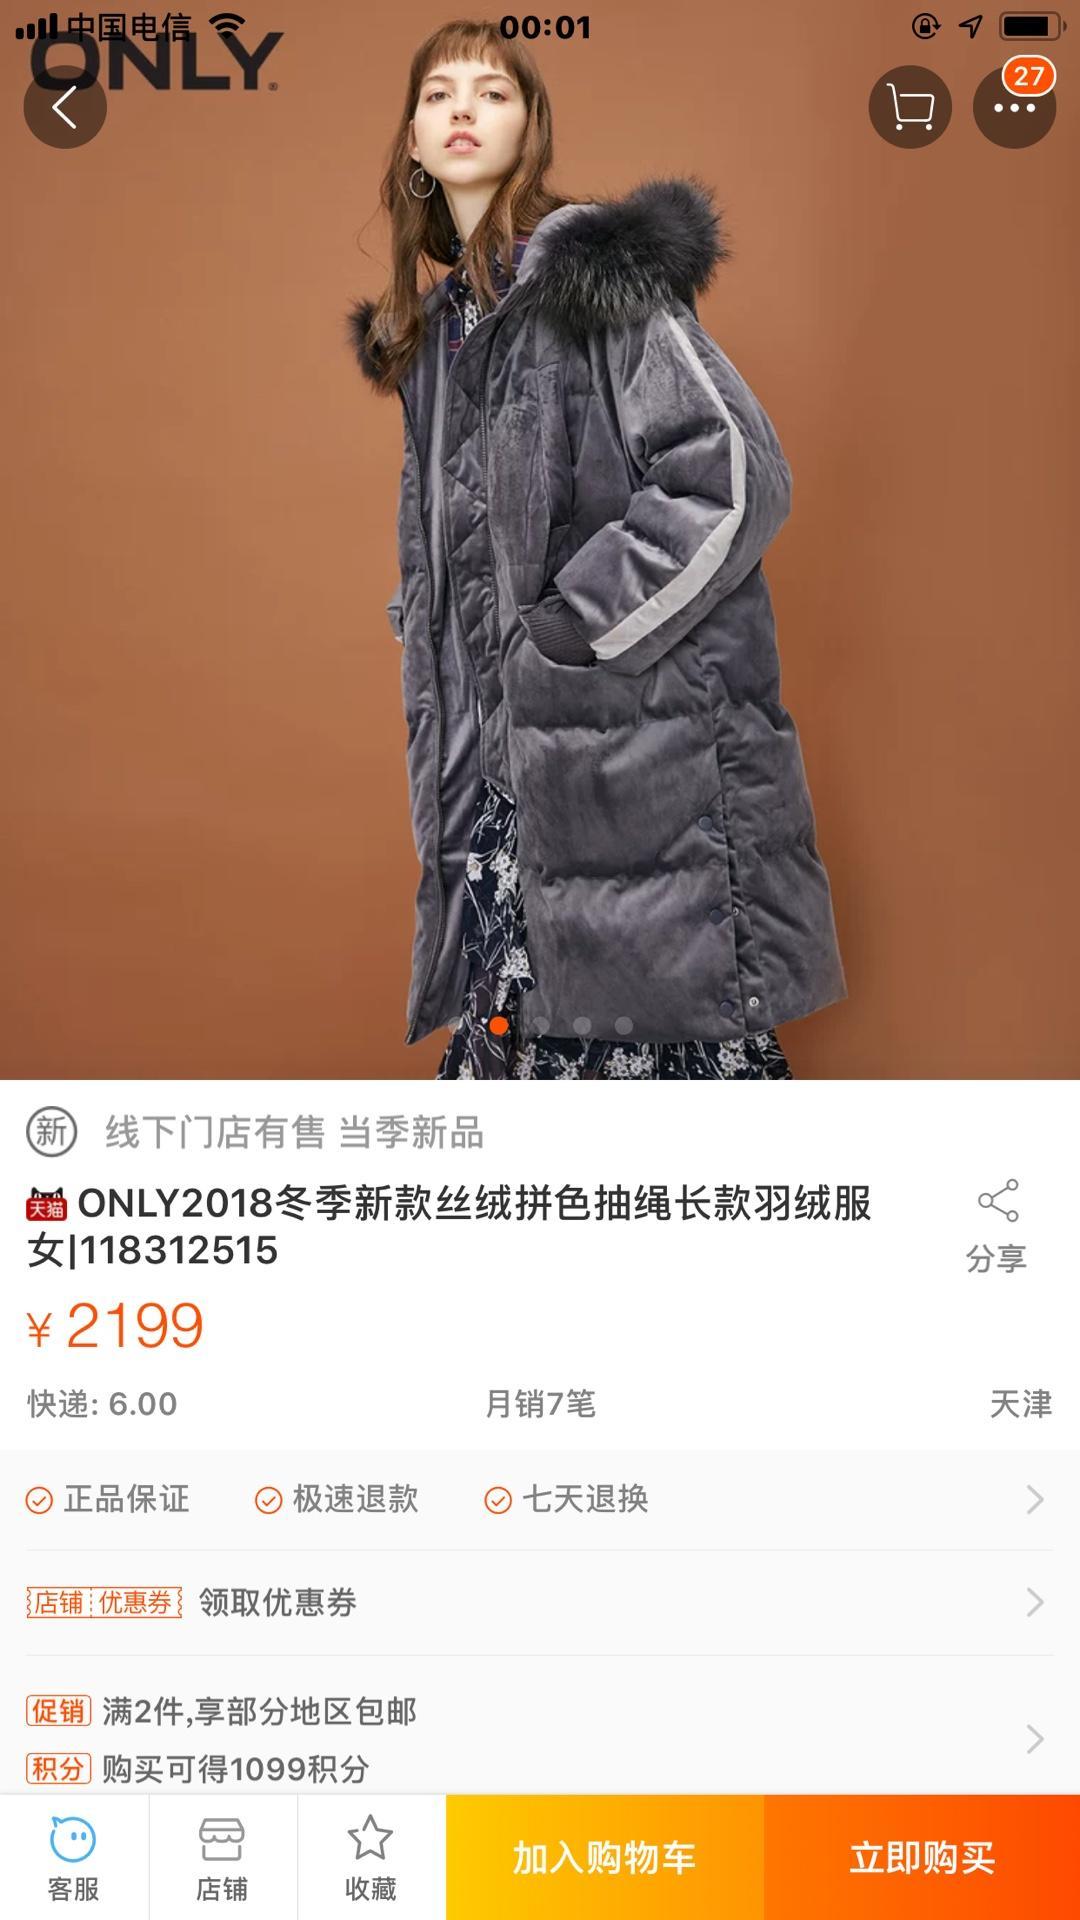 大爆款补单大量现货420?? 2018冬季新款丝绒拼色抽绳长款羽绒服女